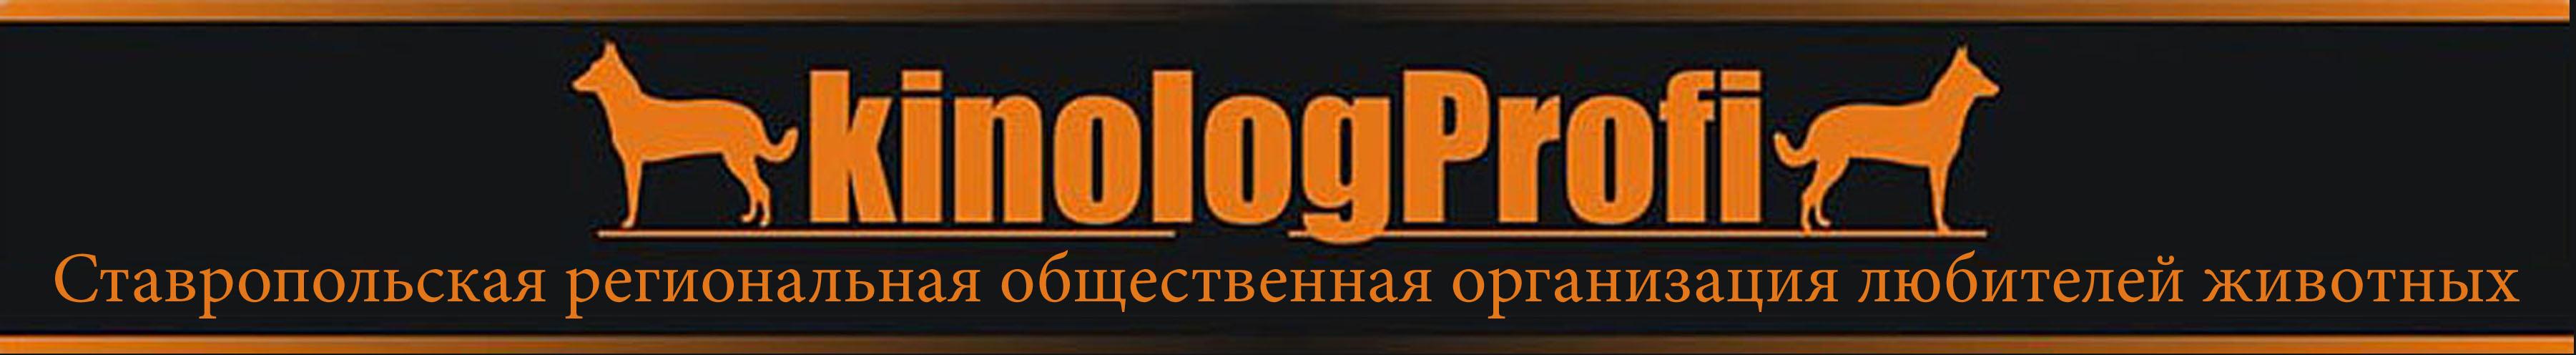 KinologProfi